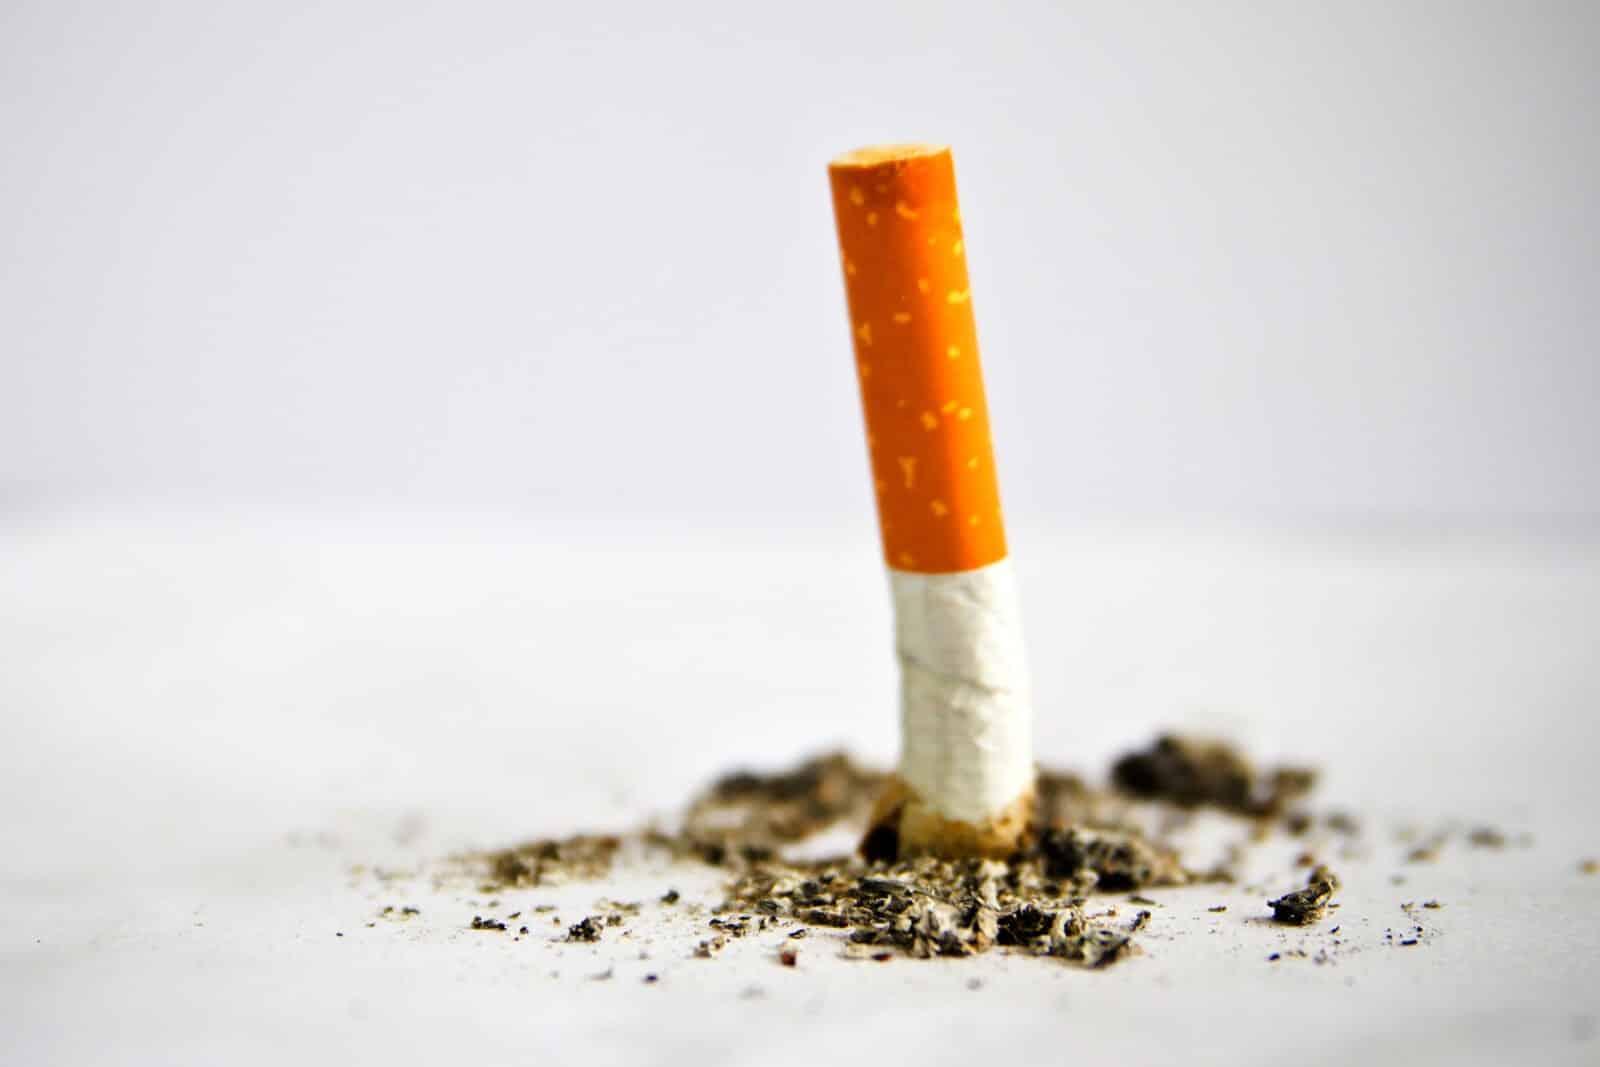 رفع السن القانوني للتبغ يحد من تدخين المراهقين